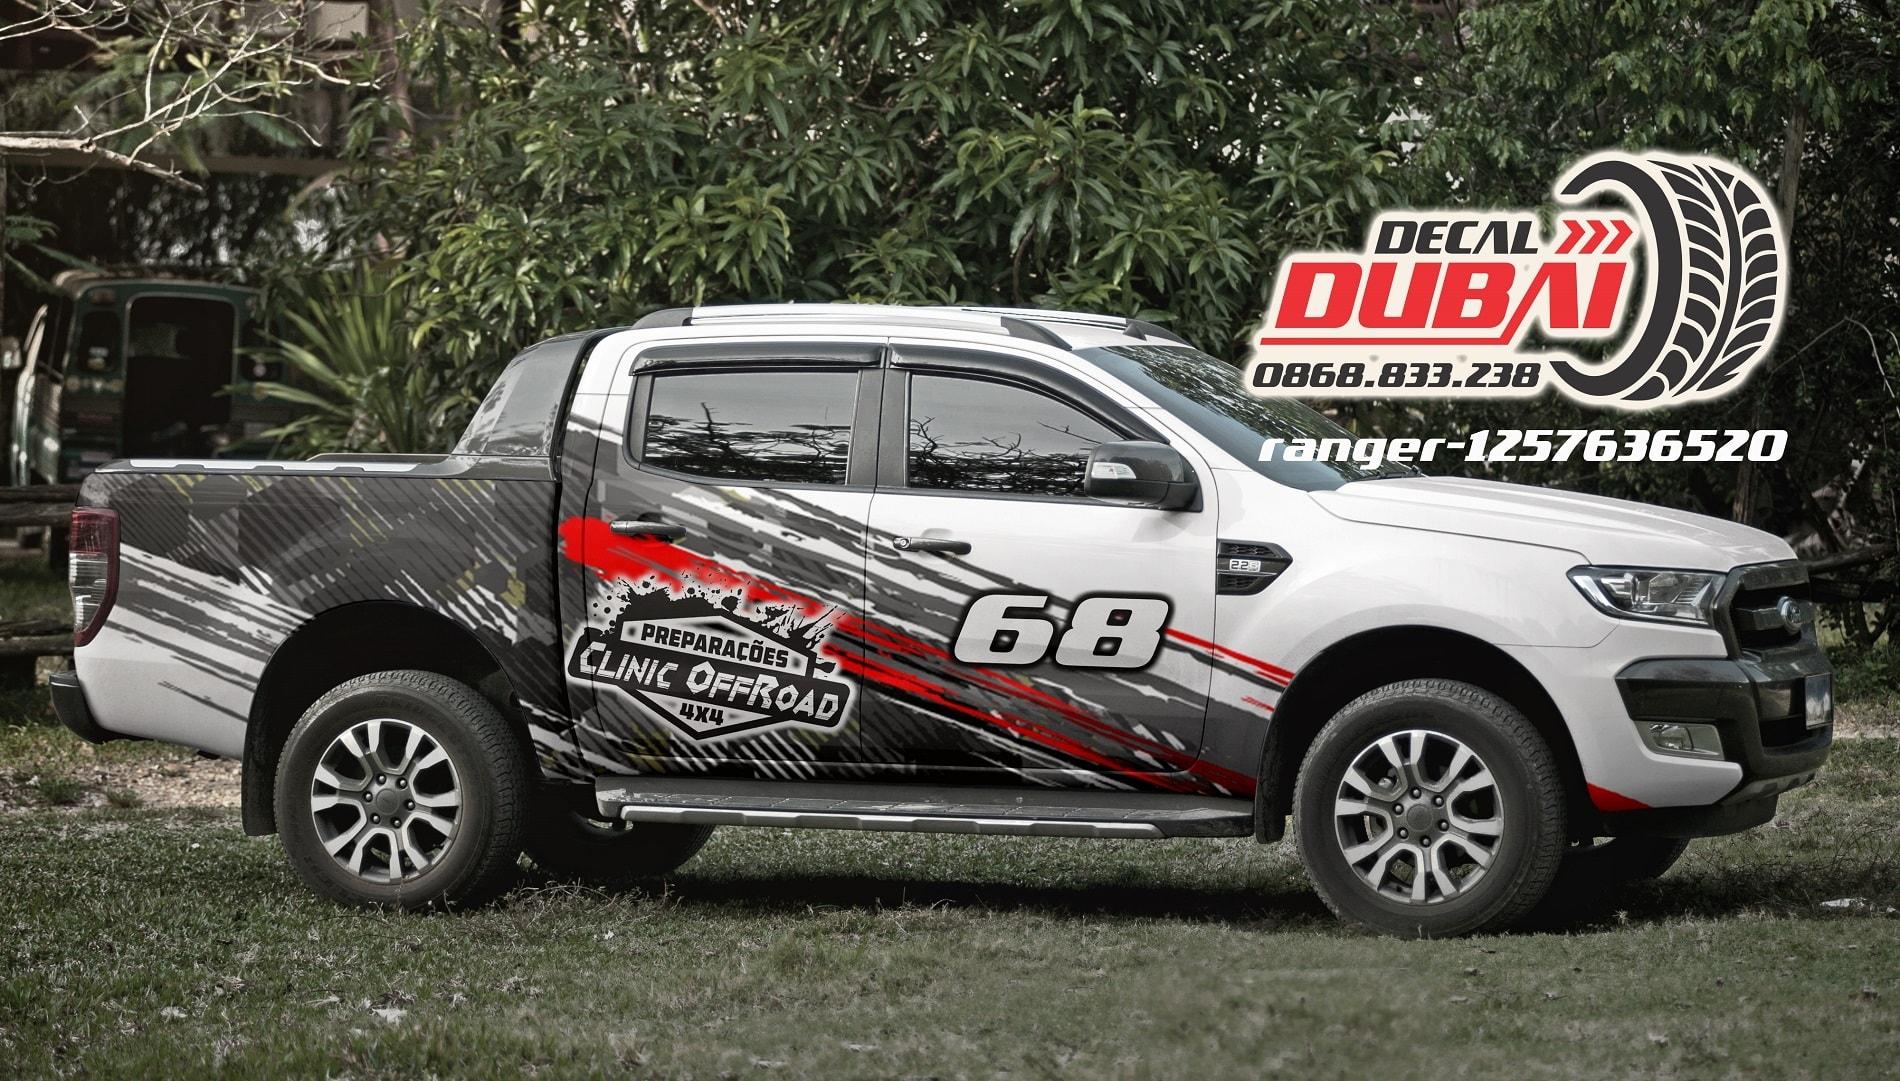 Tem-xe-ranger-1257636520-2400k